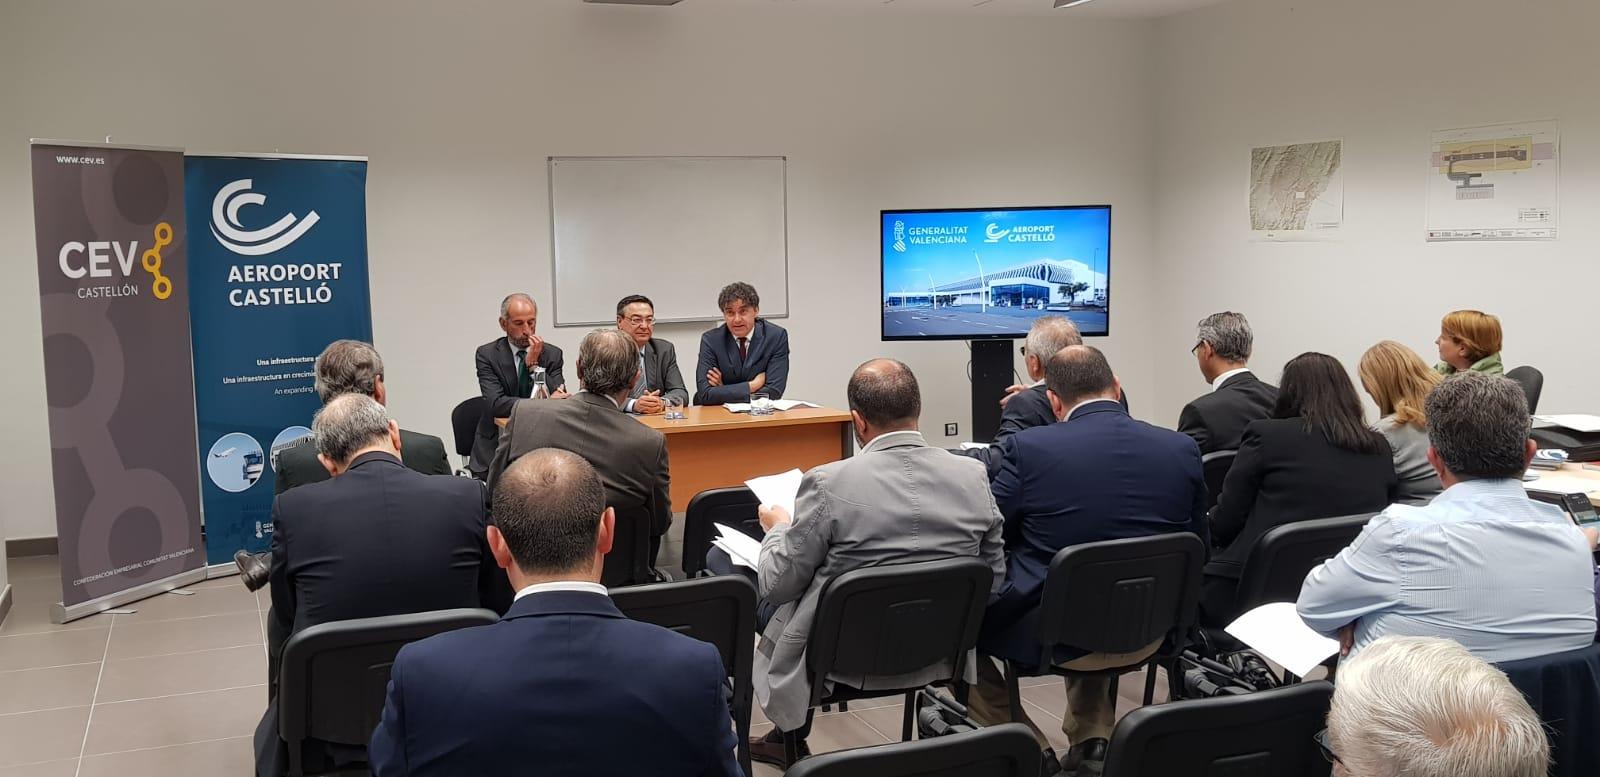 """Aerocas informa els empresaris sobre els avanços i línies estratègiques de l""""aeroport de Castelló"""